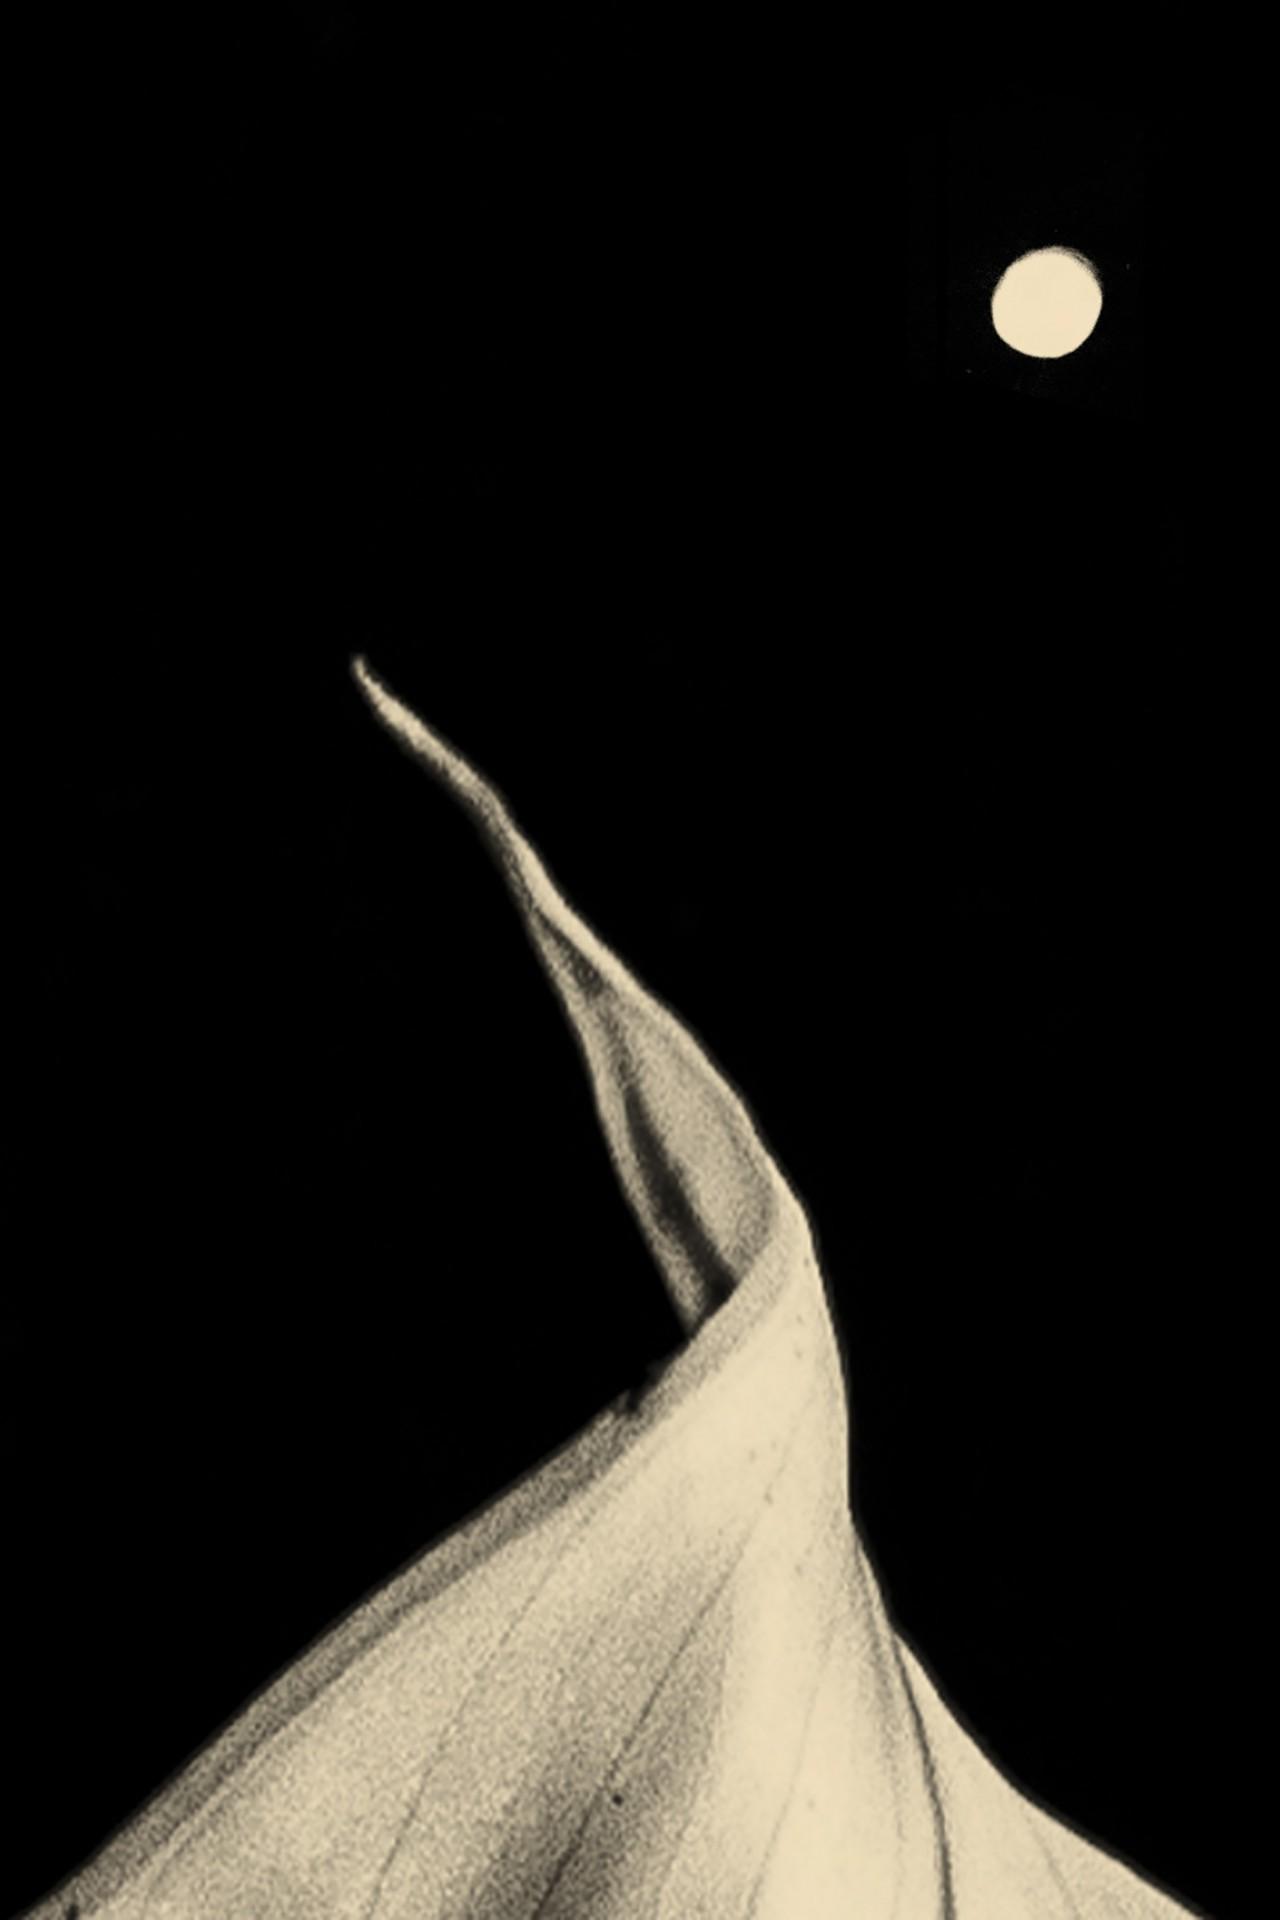 Лунная зависимость, 2018. Фотограф Пол Купидо